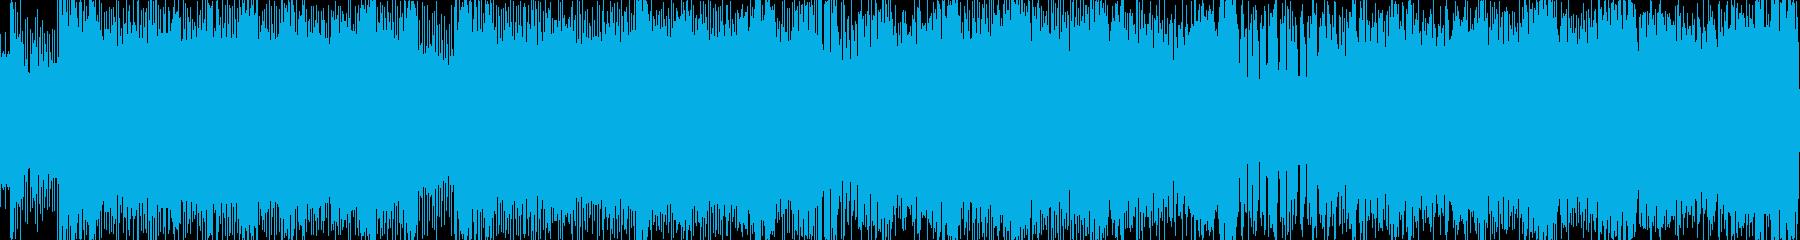 ロックハードギターバトルBGMループの再生済みの波形